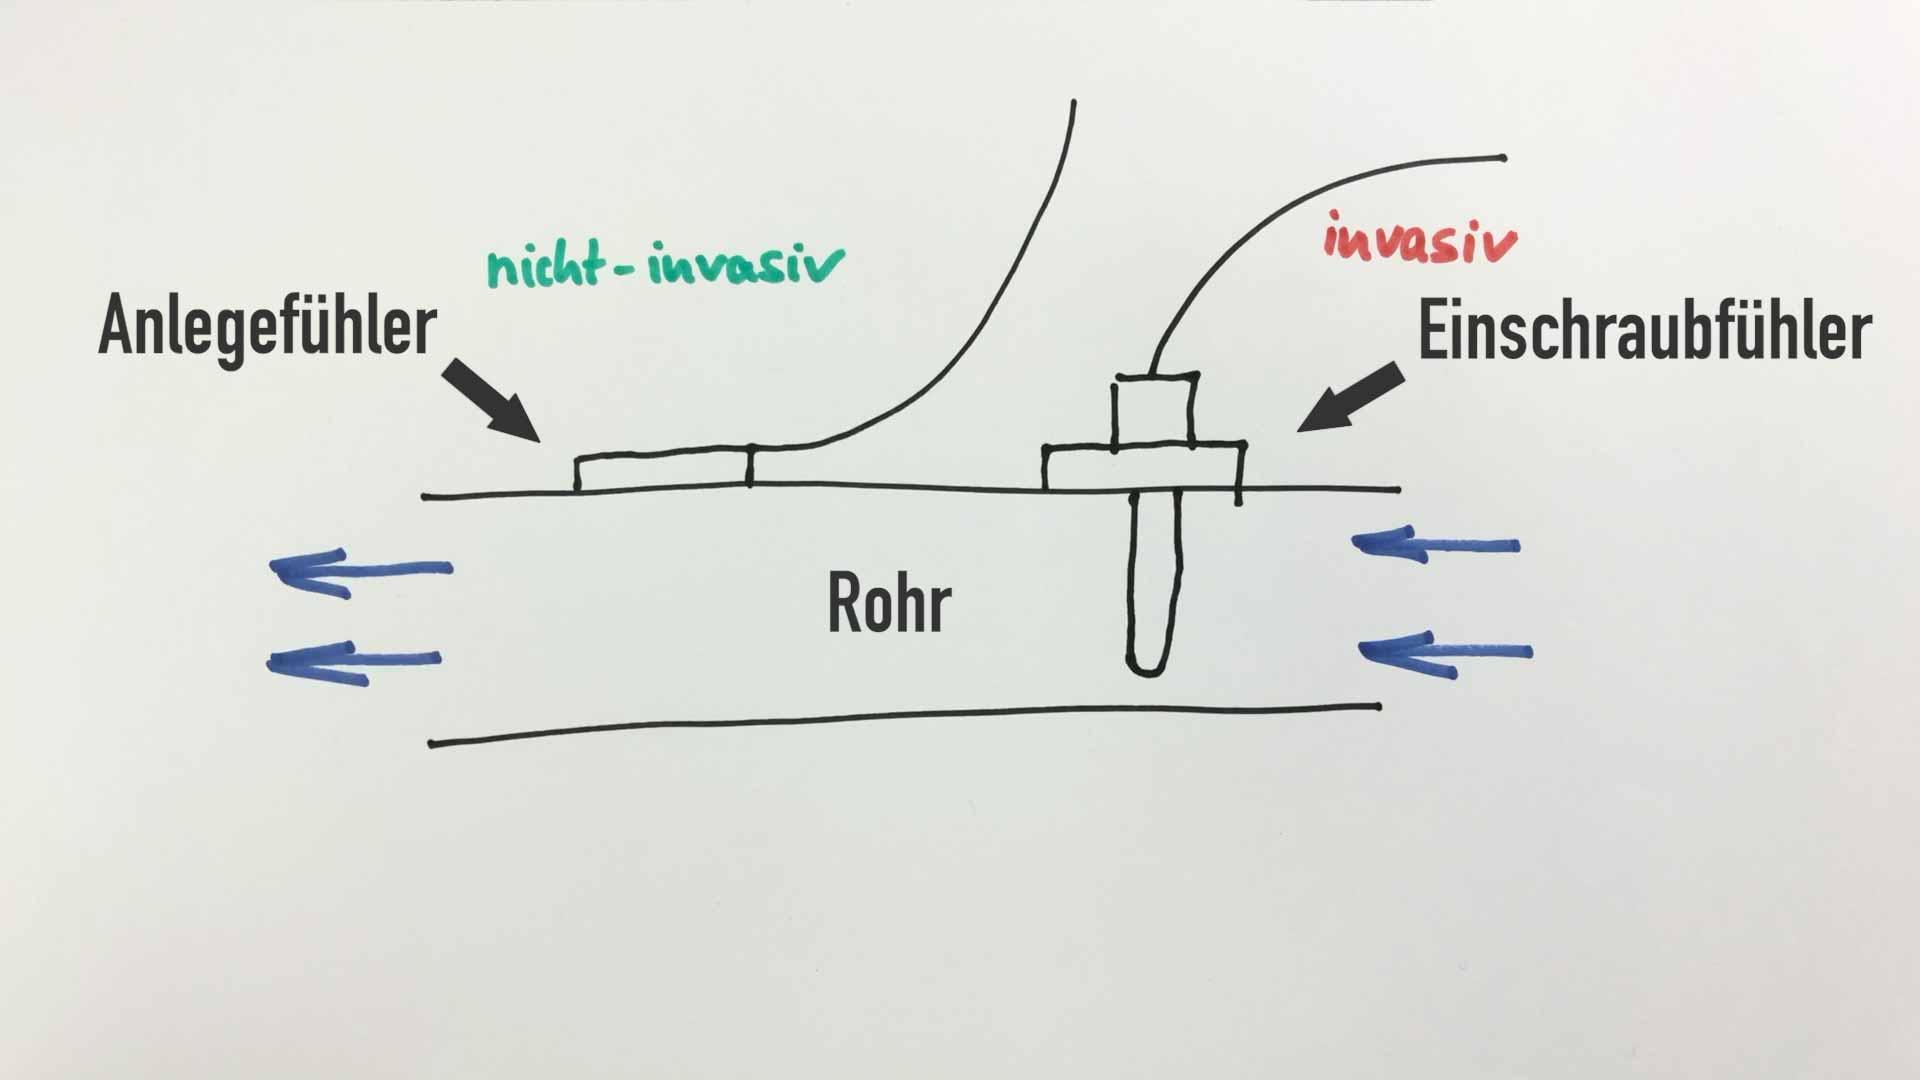 Anlegefühler messen nicht-invasiv die Temperatur, Einschraubfühler invasiv